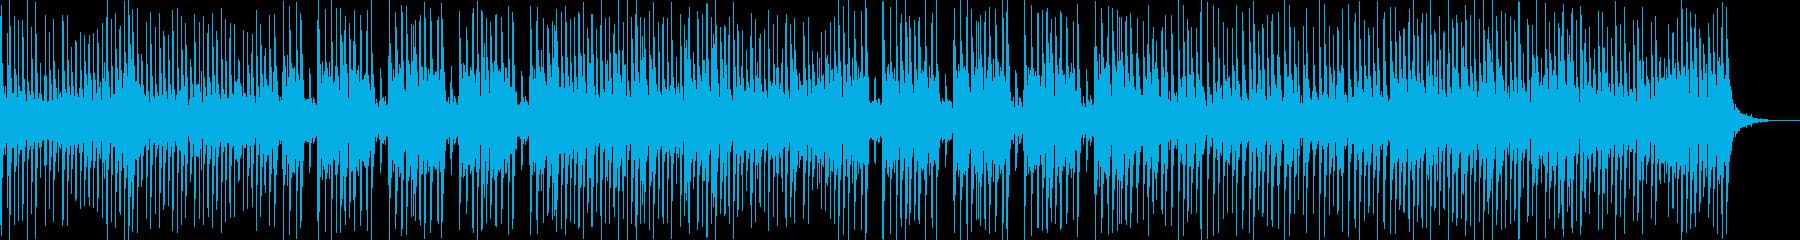 生演奏三味線と和太鼓 和風を伝えるBGMの再生済みの波形